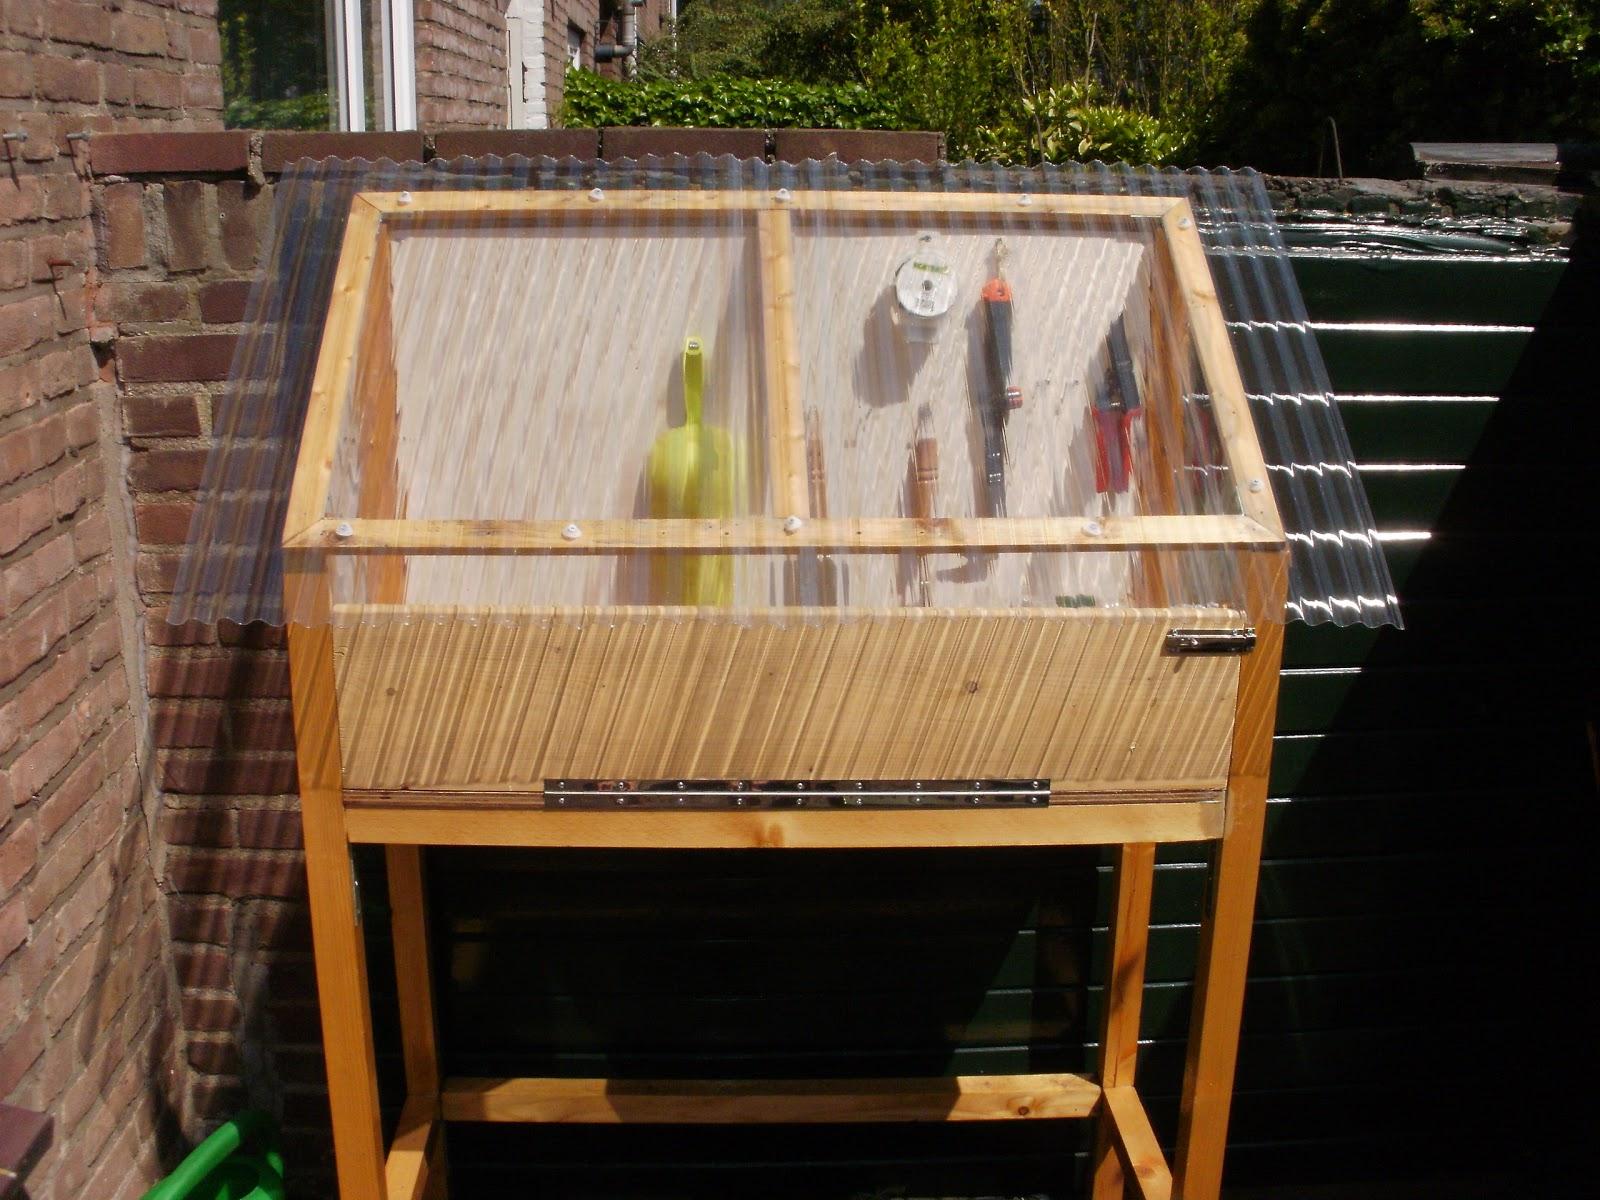 Strandtassen Zelf Maken : Hoe maak je een kweekkas houtopslag de boon in tuin